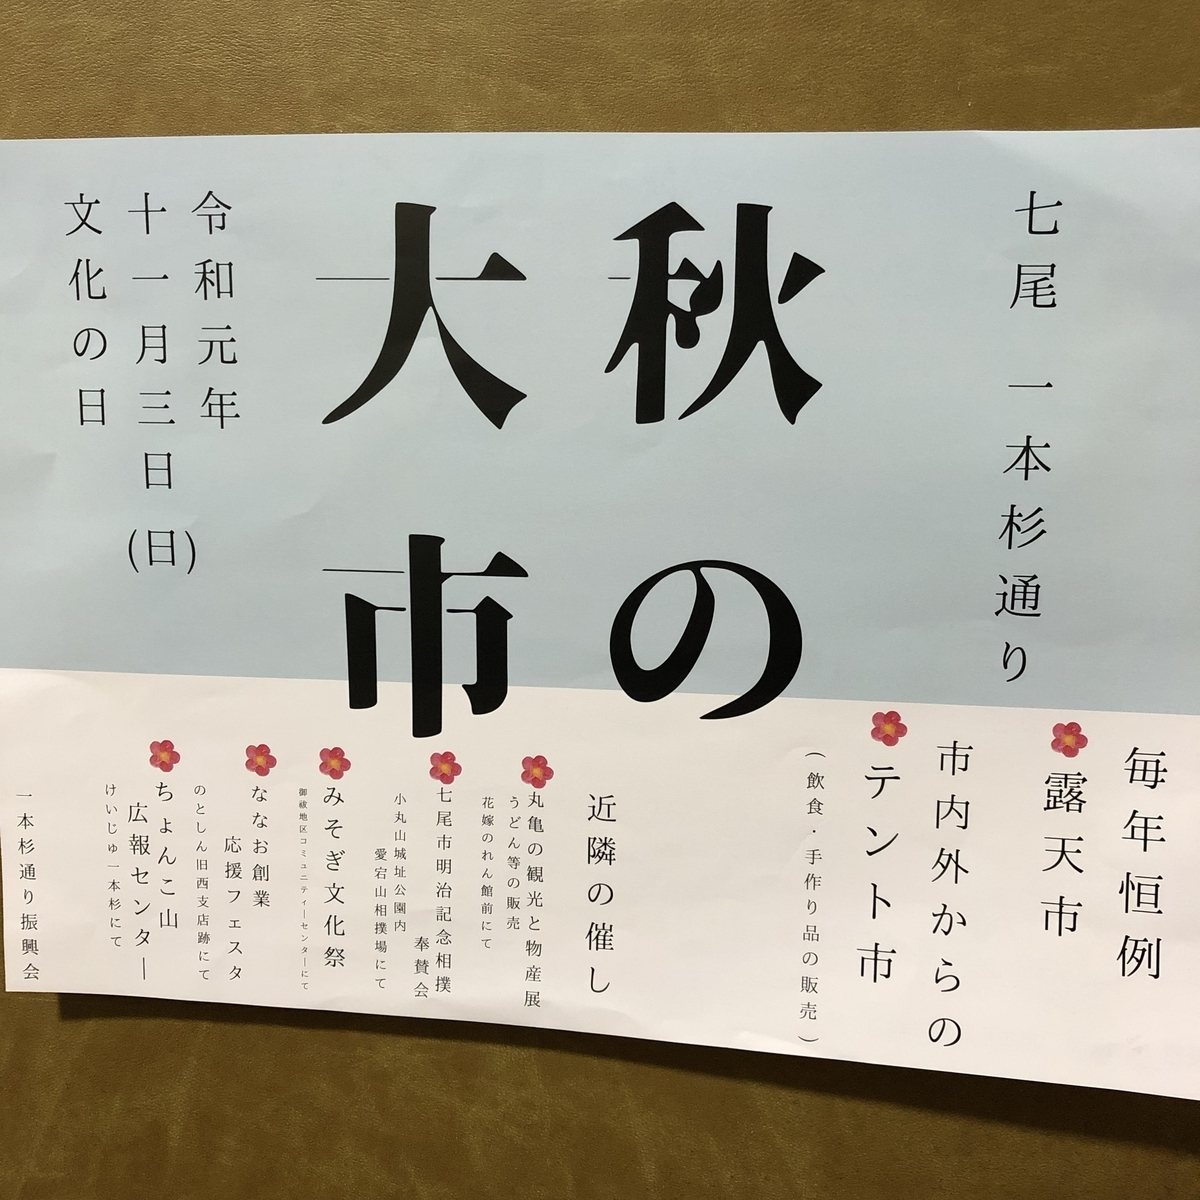 f:id:bobyuki:20191101125218j:plain